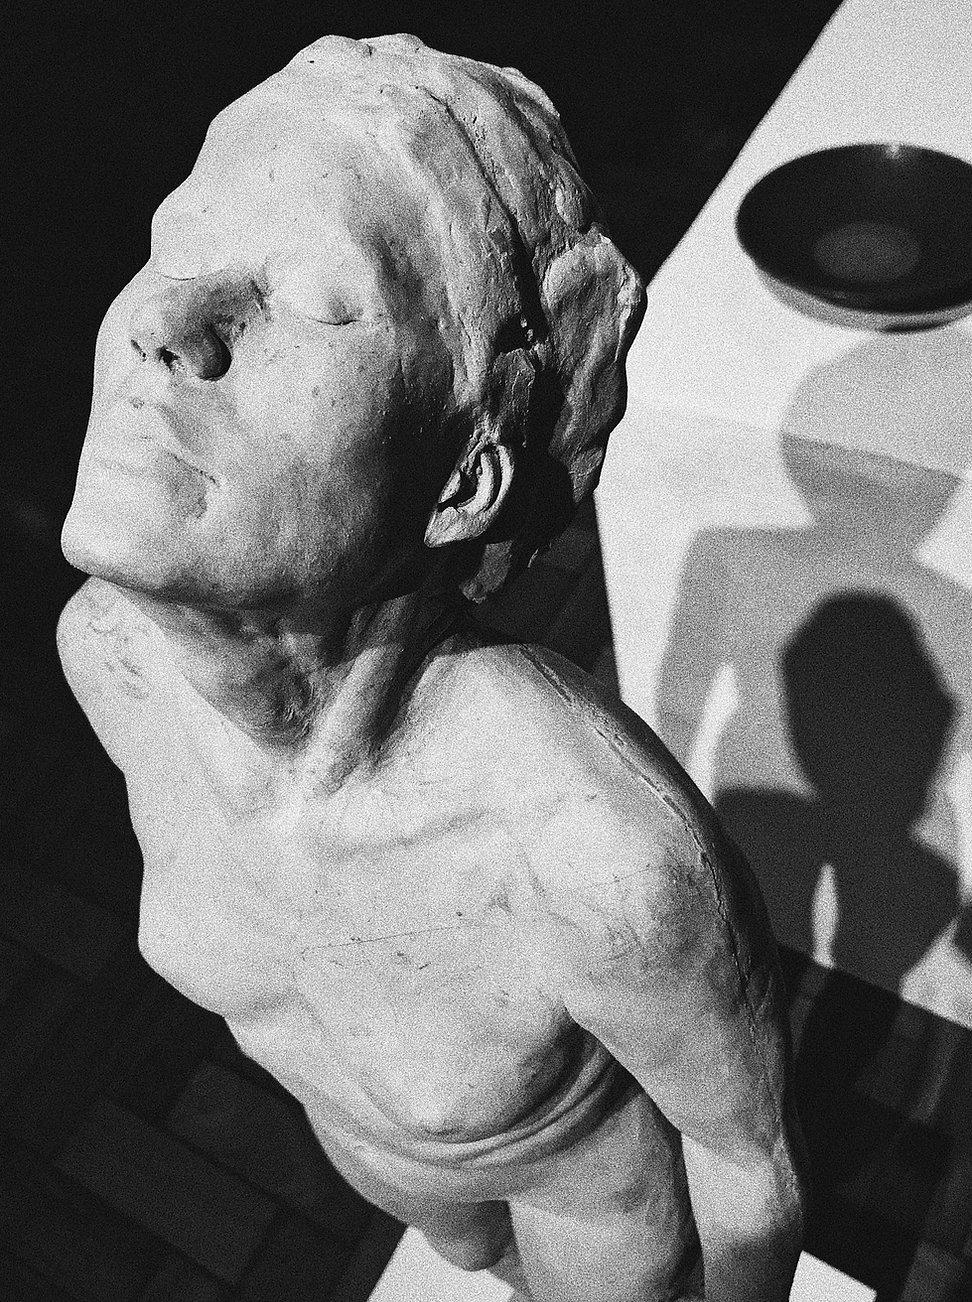 escultura_FERNANDO POLETTI_exposição CORPOS EM TRÂNSITO